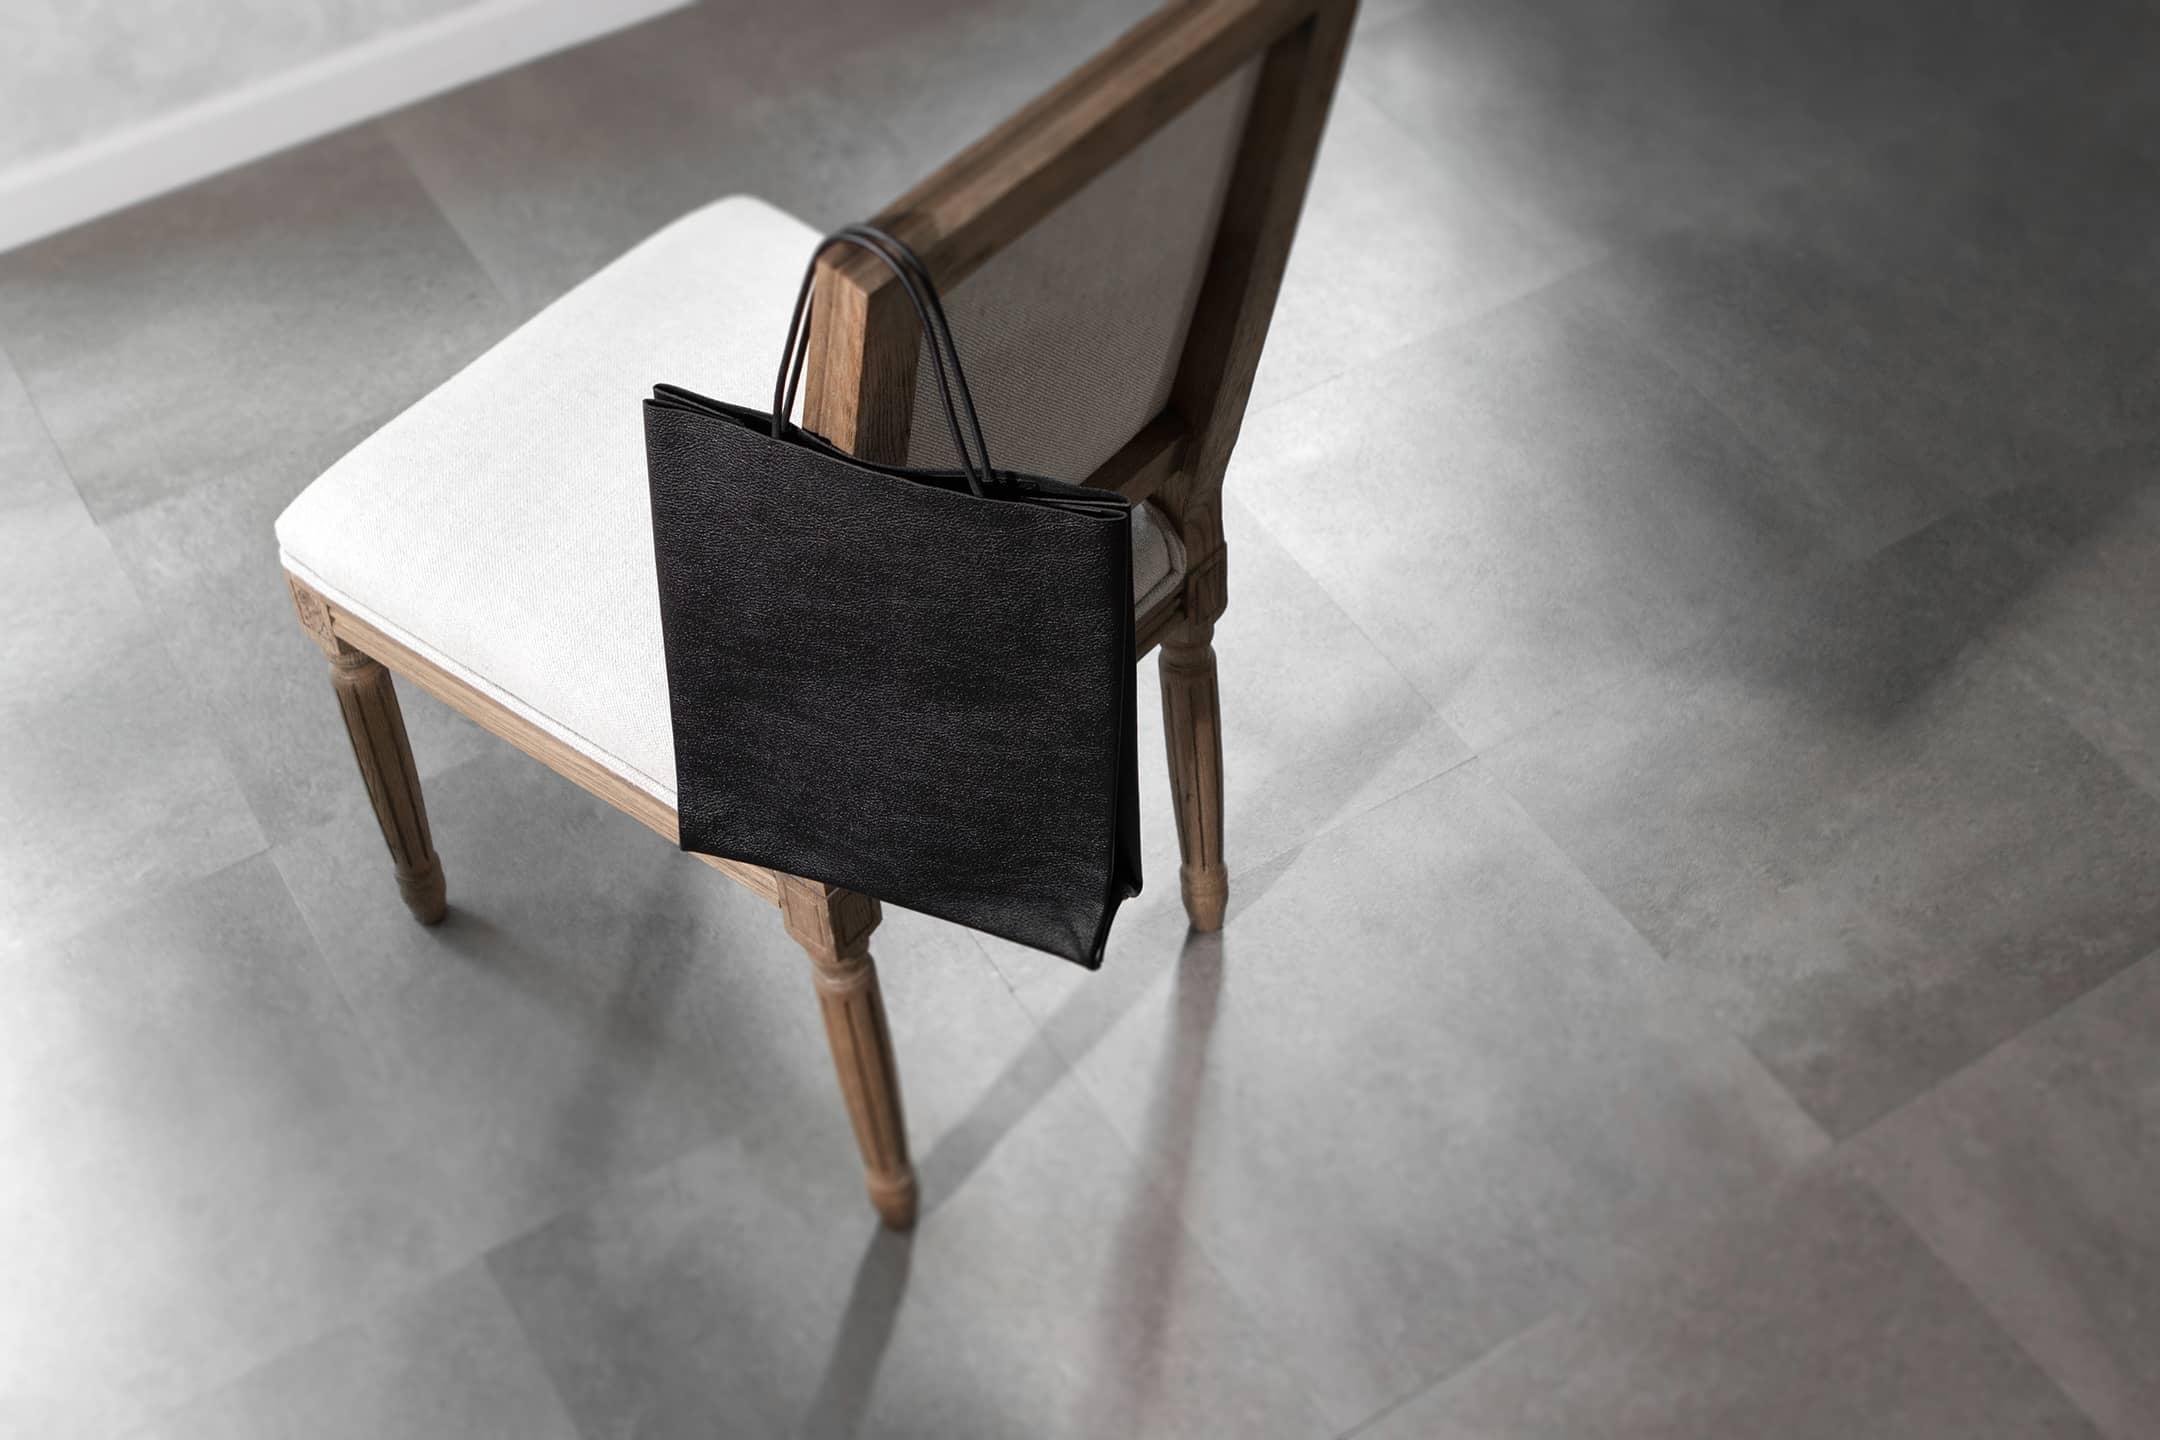 革袋(A4) by Ad maiora! Designare(アドマイオーラデジナーレ)